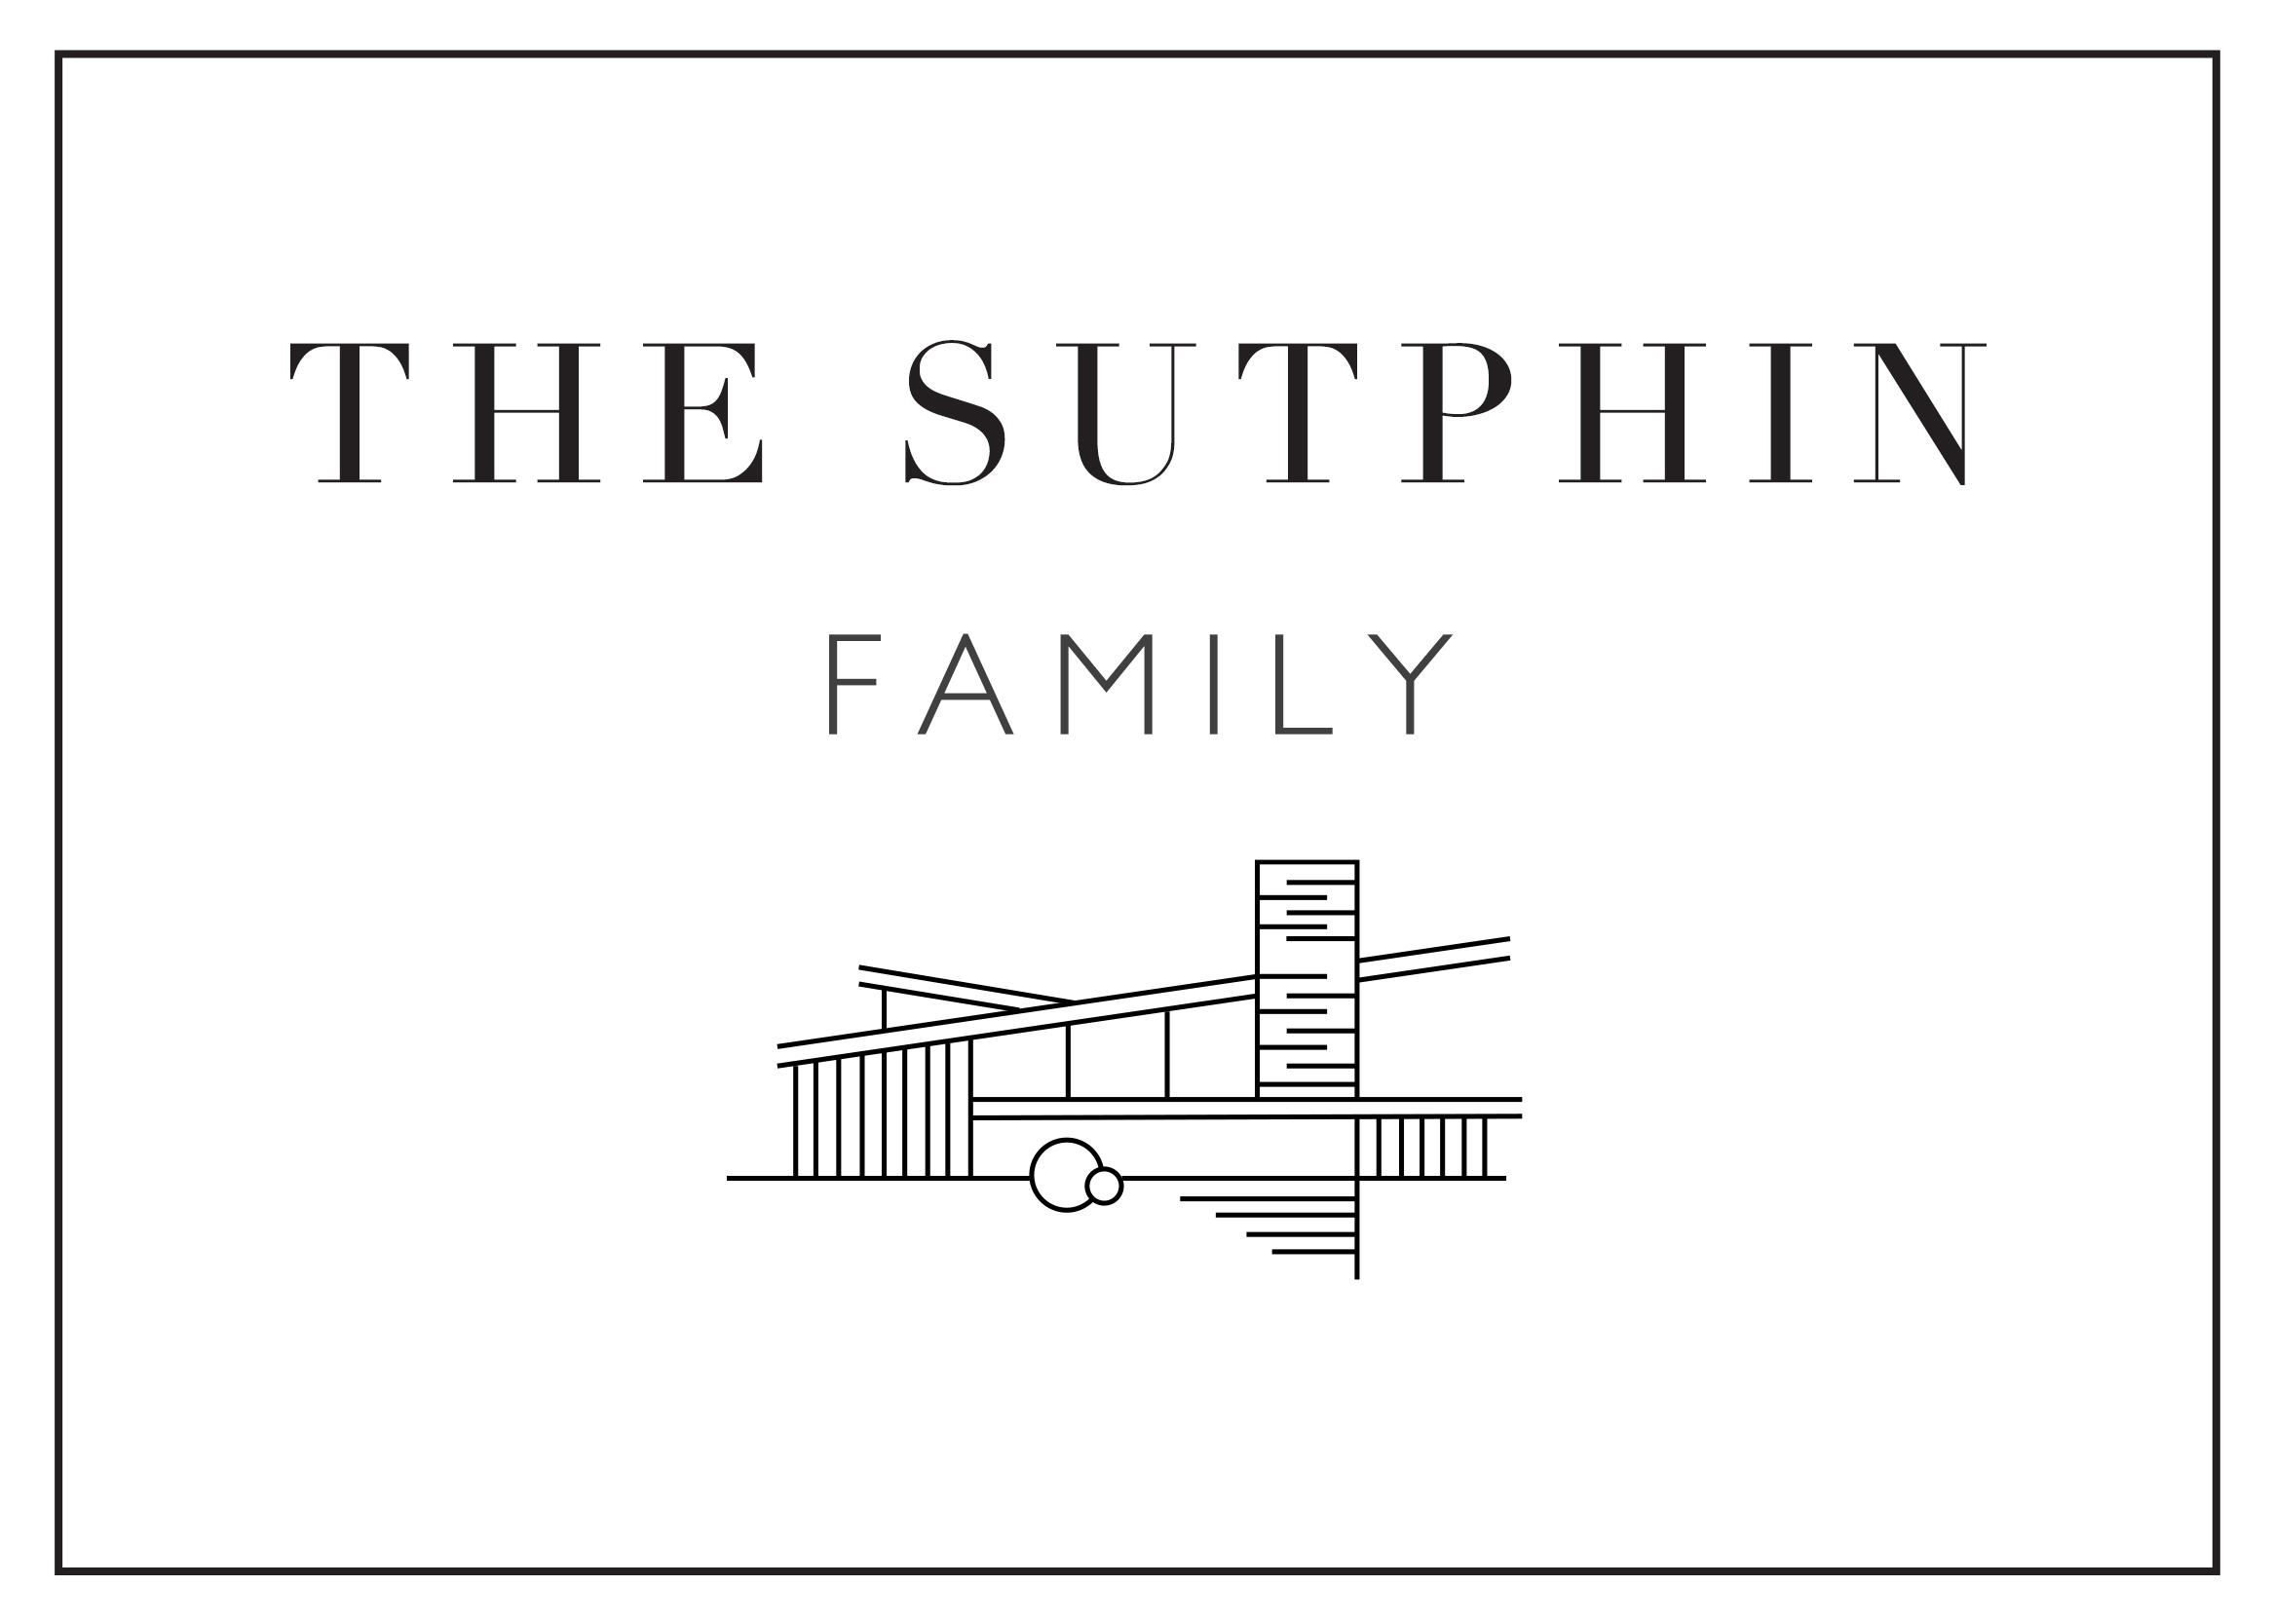 Sutphin Family.jpg